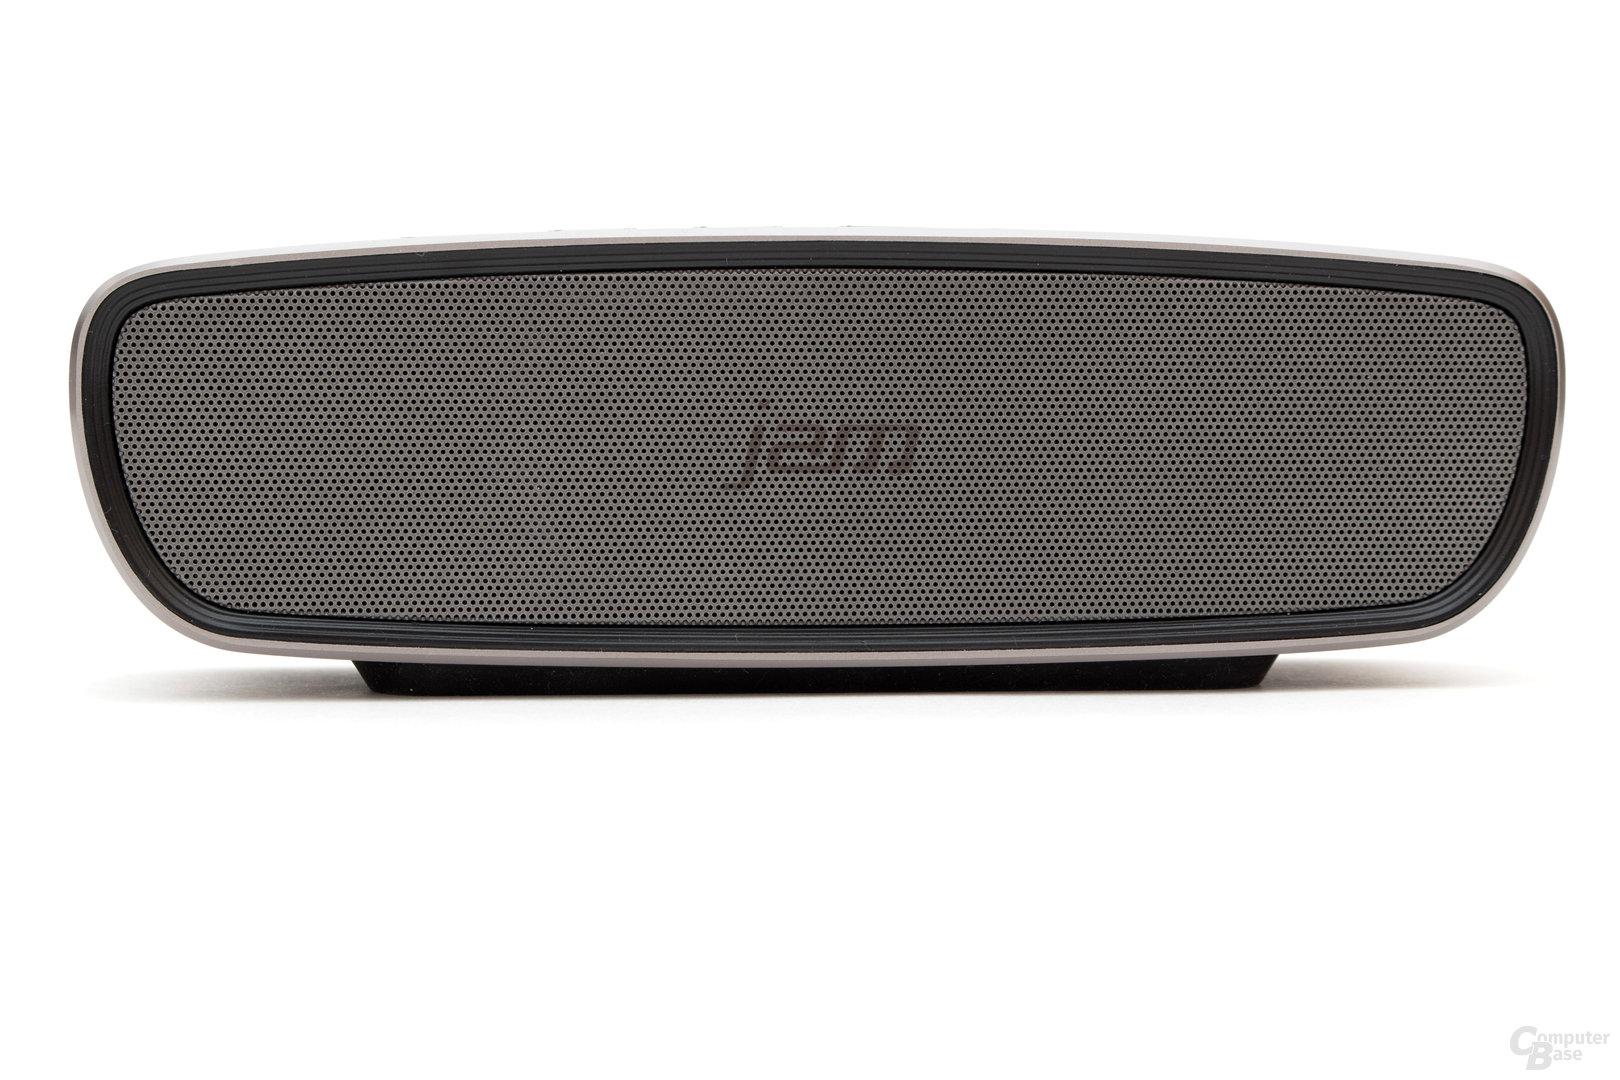 JAM Heavy Metall HX-P920 – Komplett aus Metall gefertigt